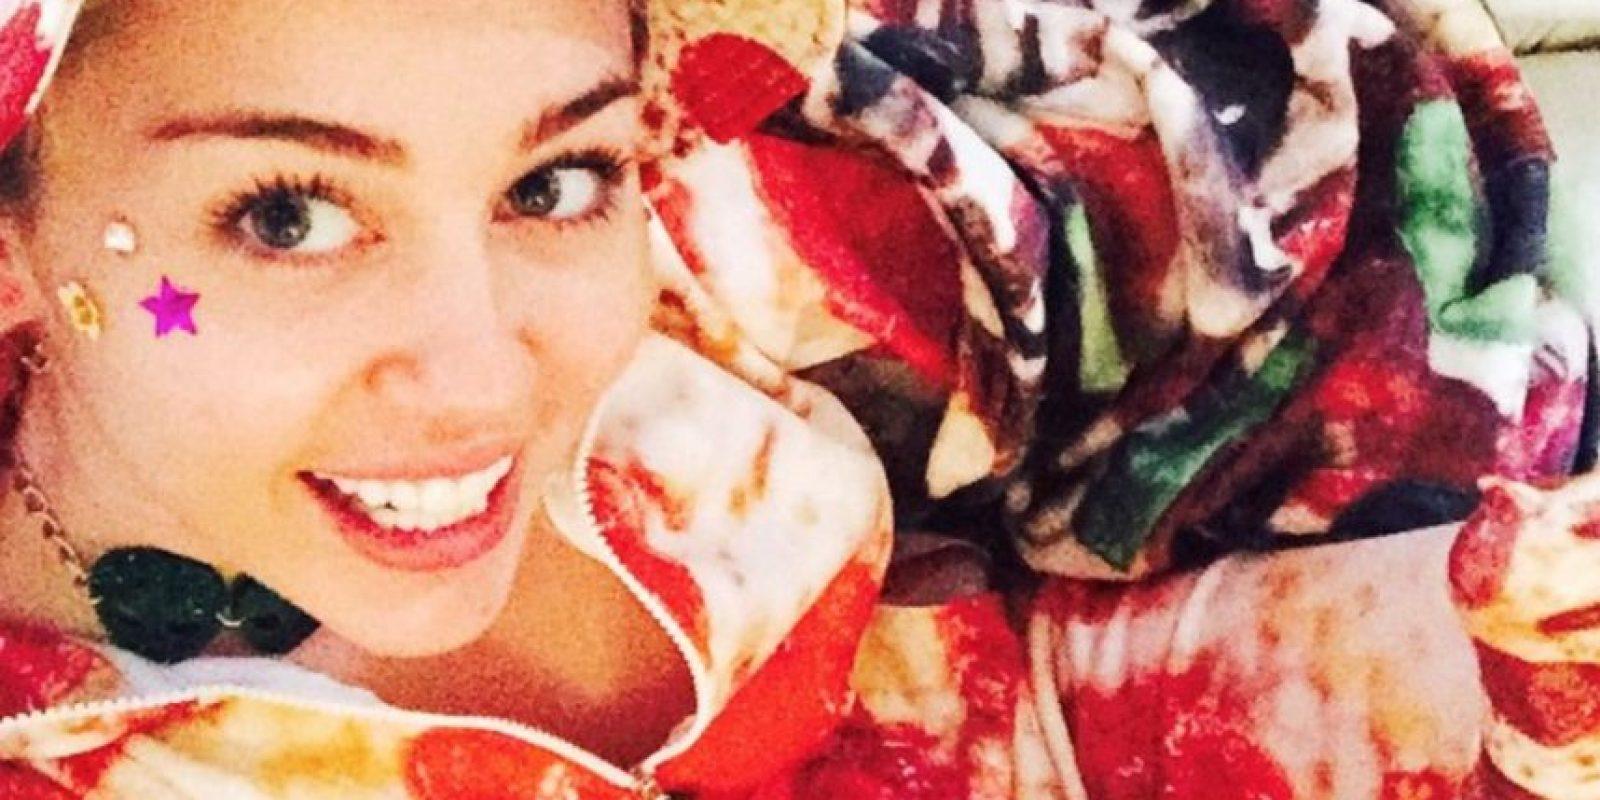 Otro sueño hecho realidad, un traje de pizza. Foto:Instagram/Miley Cyrus